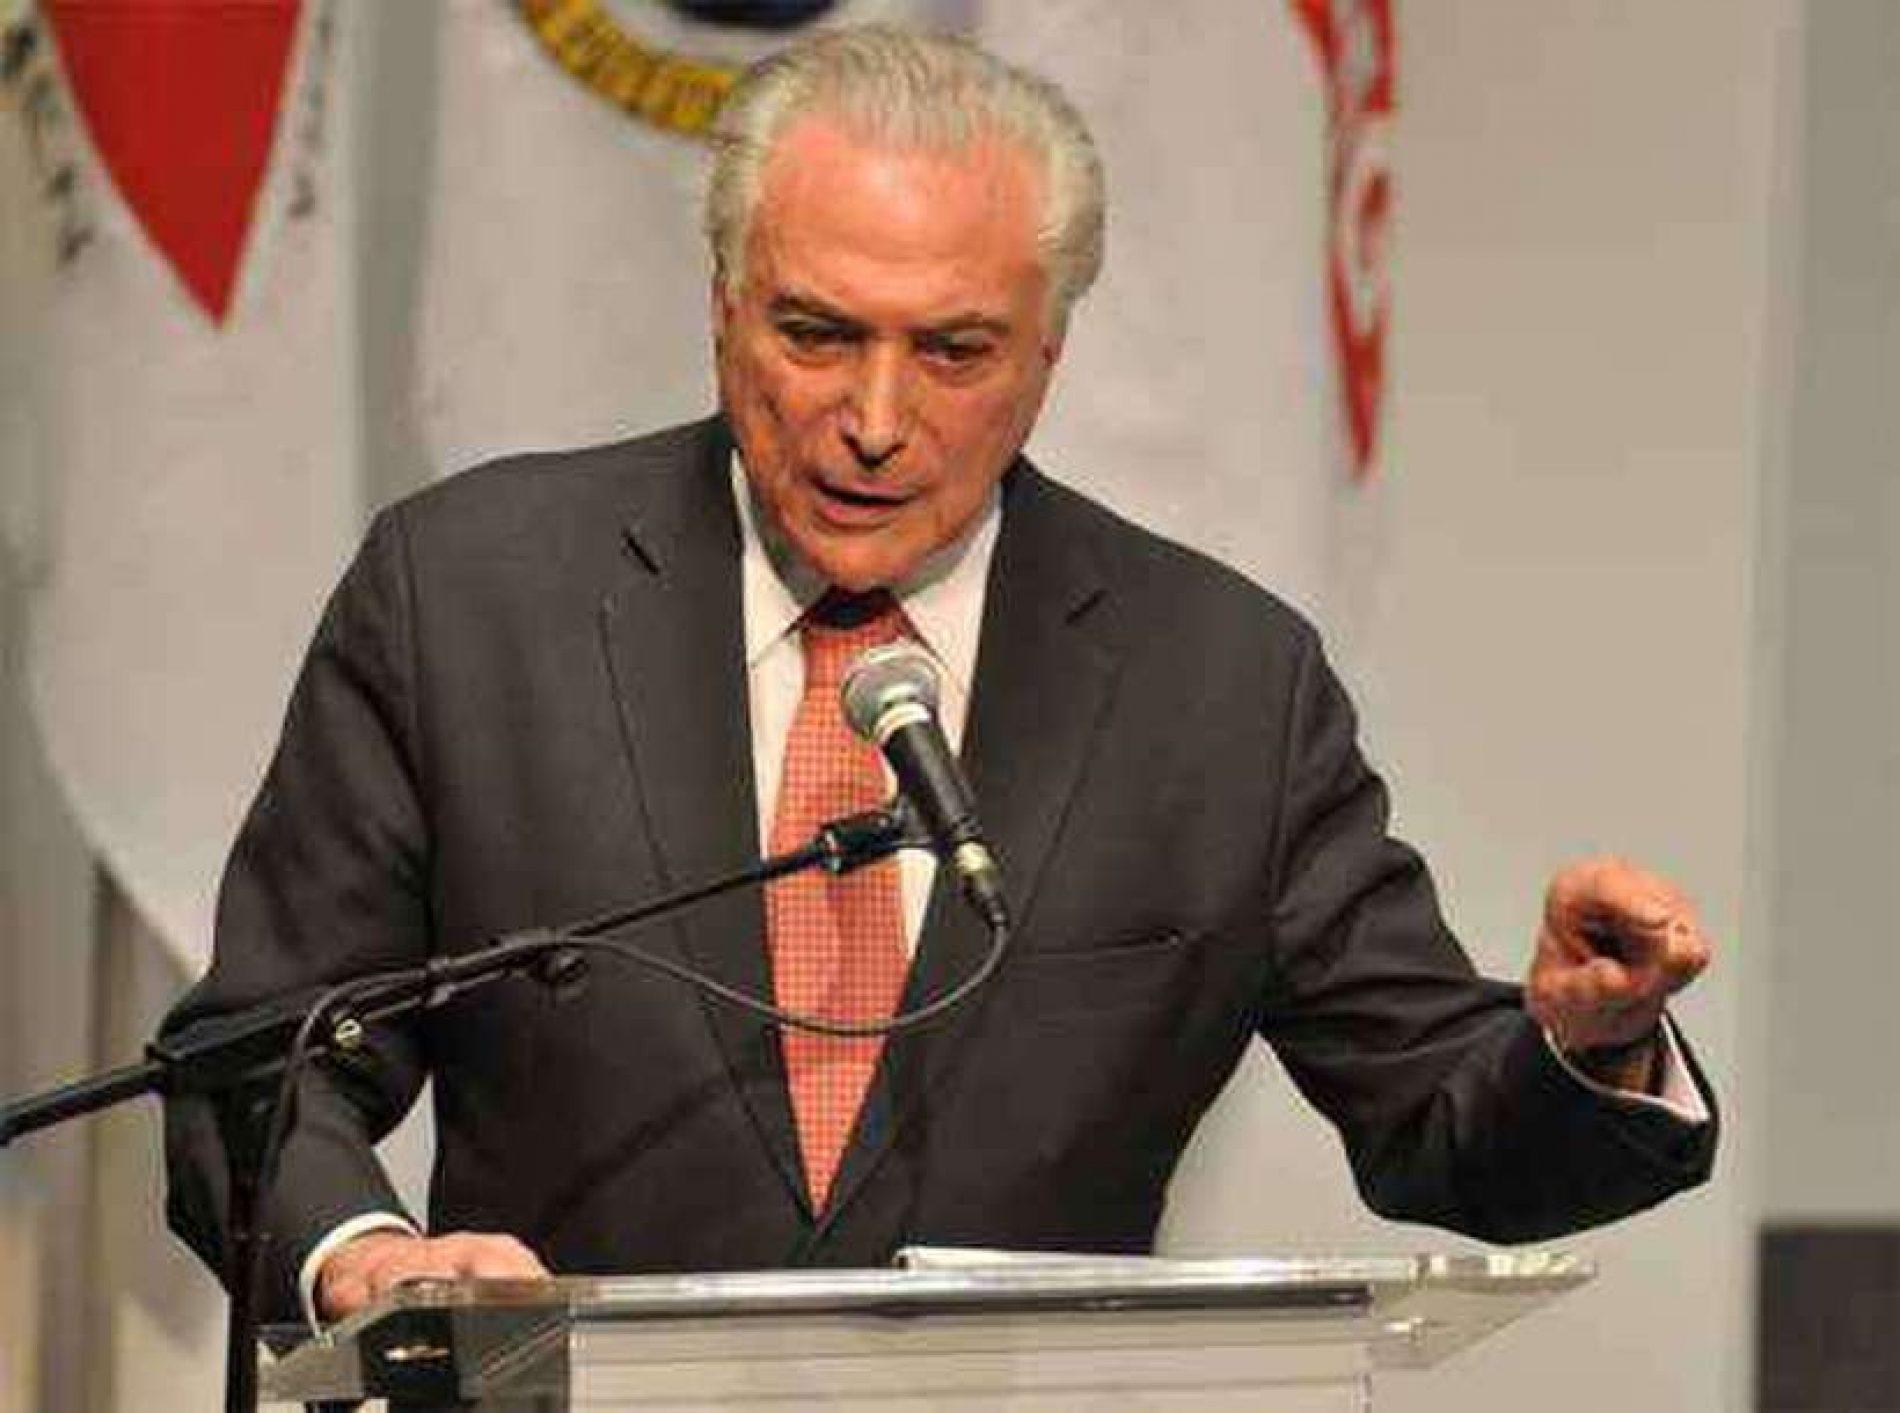 PGR diz que Temer praticou corrupção ao receber da Odebrecht